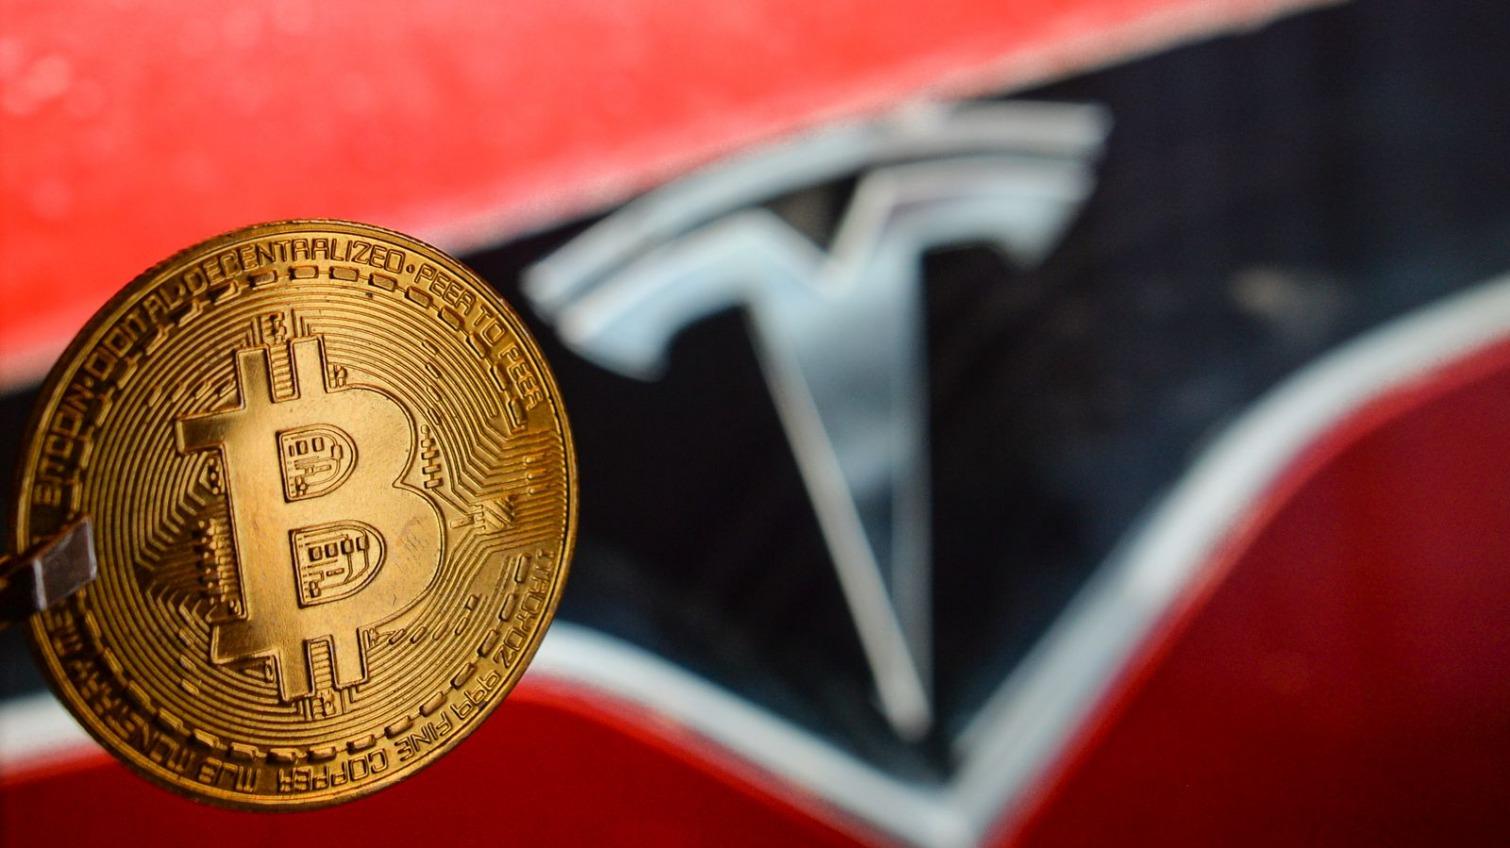 Теперь Tesla официально можно купить за биткоин, — Илон Маск «фото»